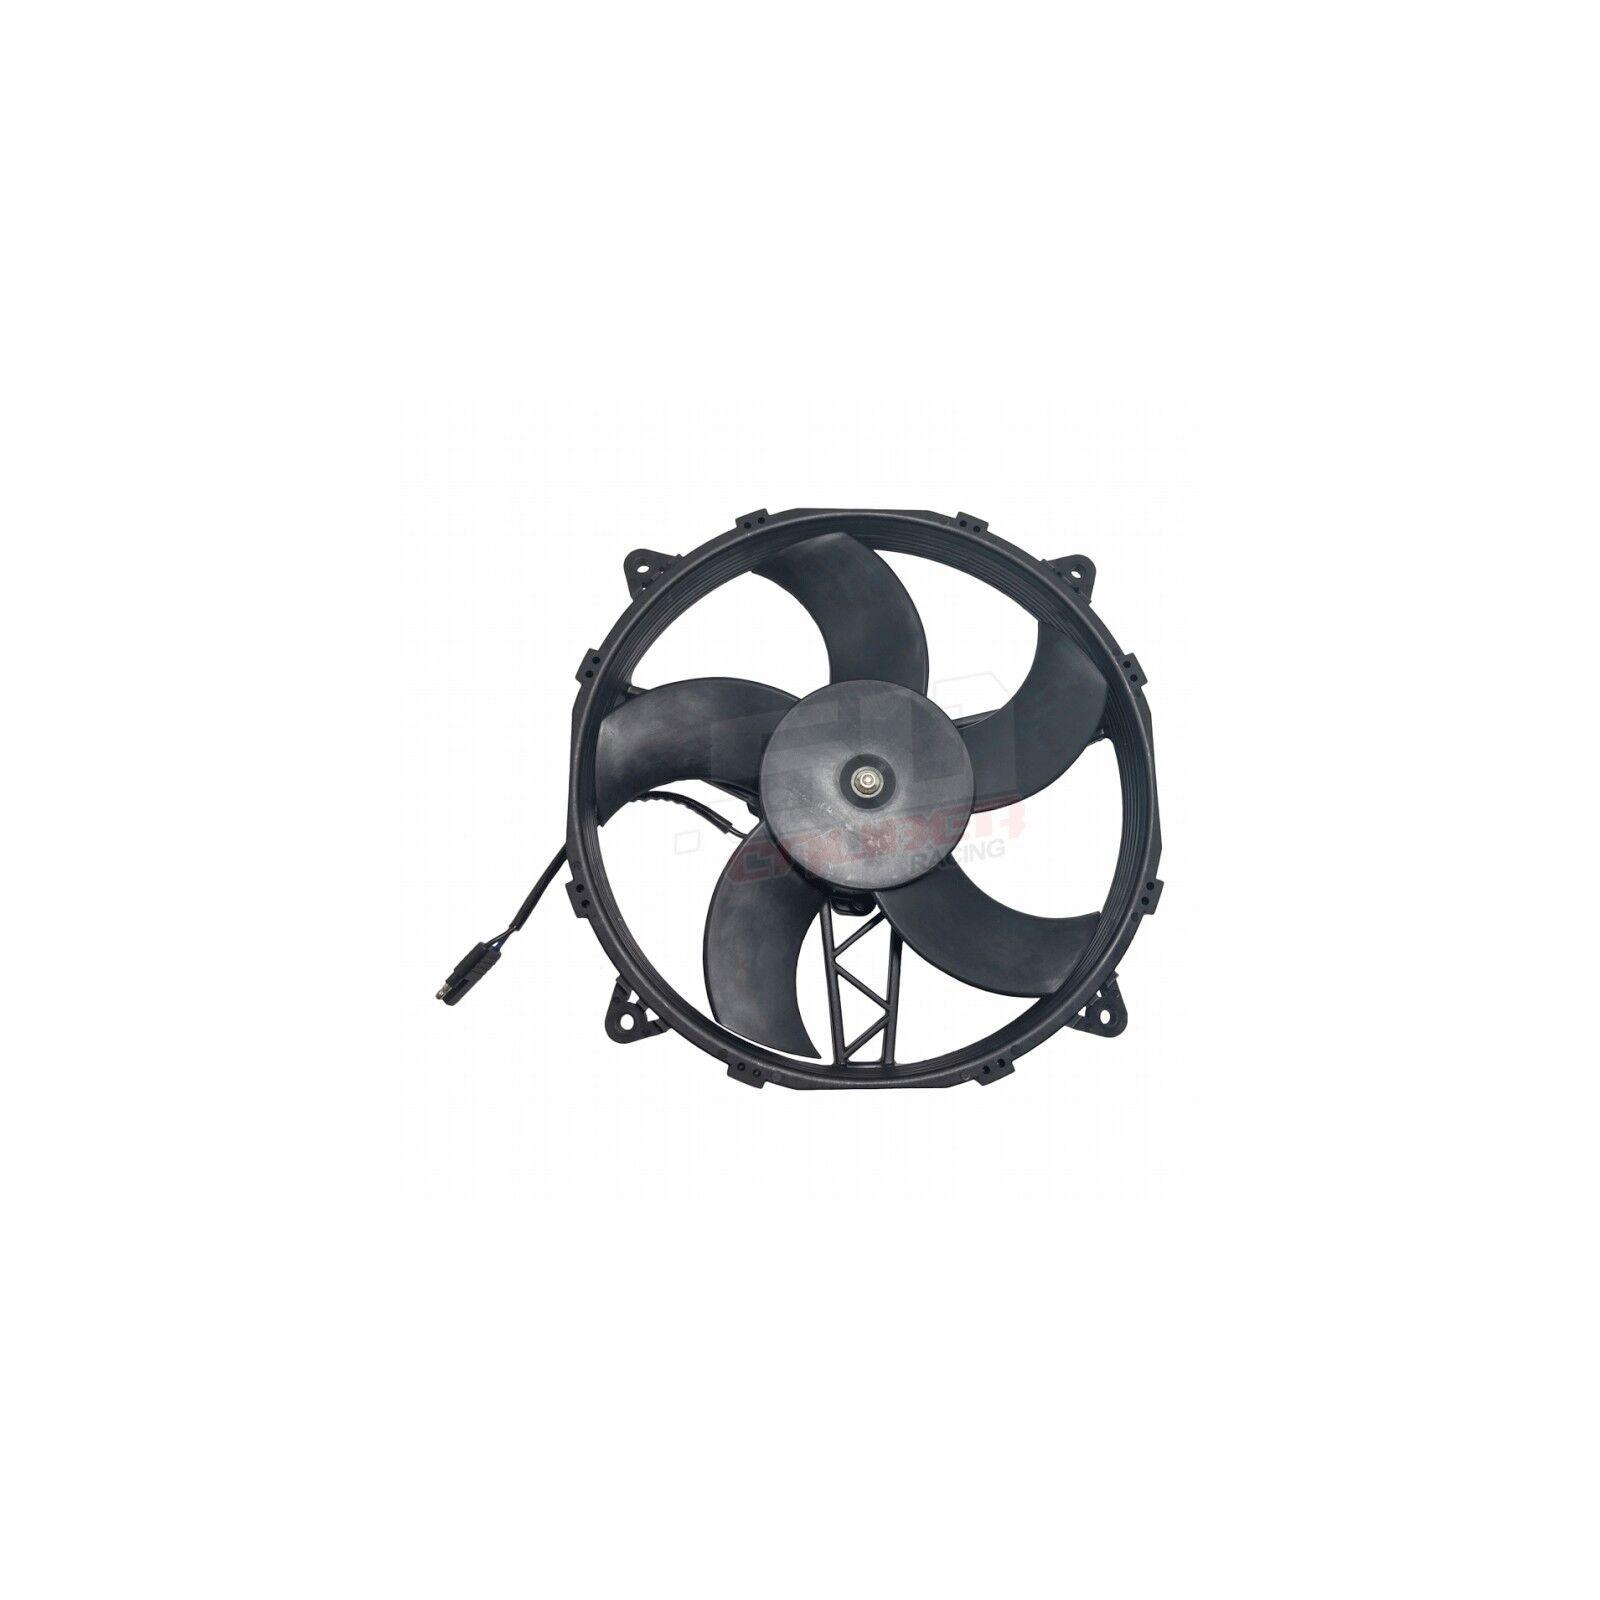 Radiator Cooling Fan Motor 2002 2003 2004 2005 2006 Polaris Sportsman 700 Twin